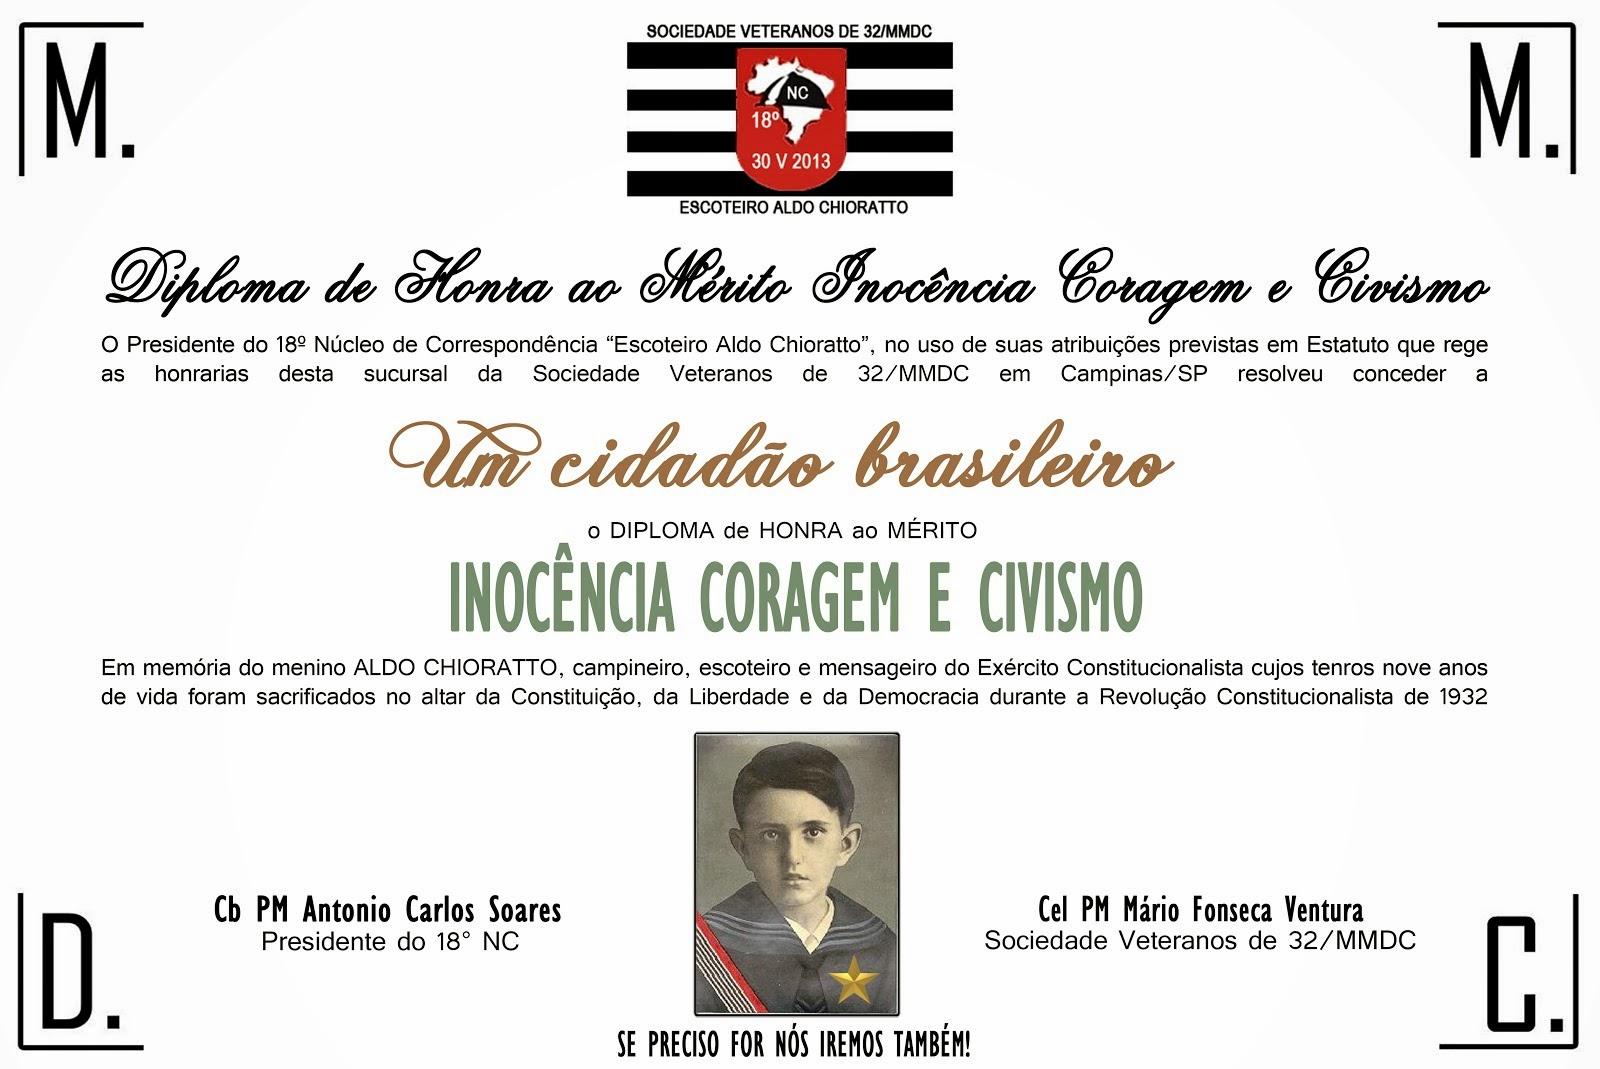 Diploma de Honra ao Mérito INOCÊNCIA CORAGEM E CIVISMO - Honraria do 18º Núcleo de Correspondência